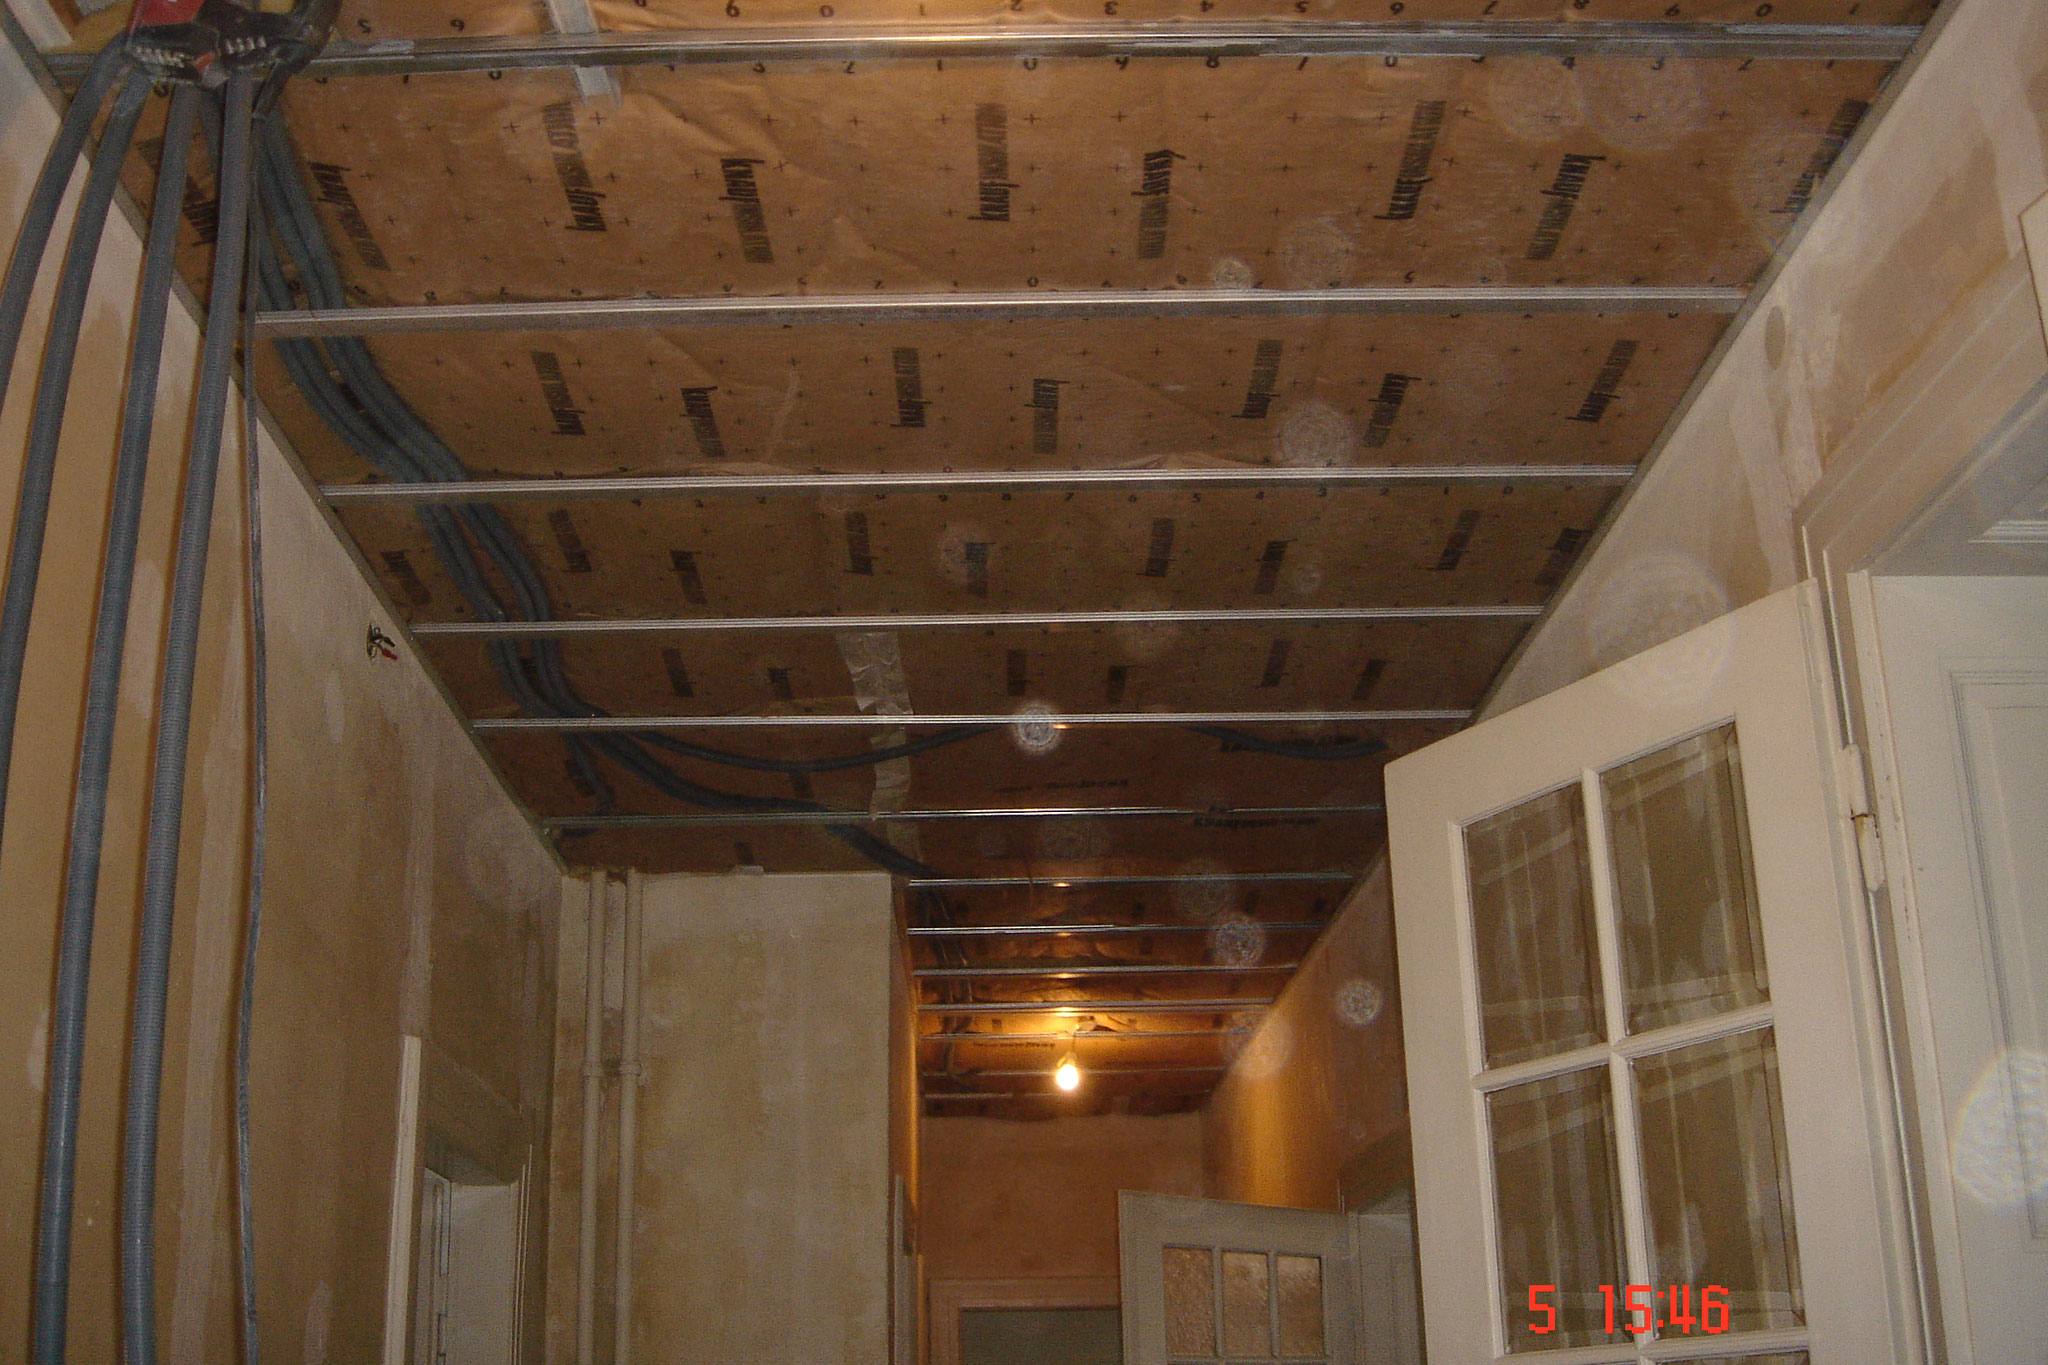 Pose un faux plafond sur ossature métallique avec laine de verre Robertsau 67 Activ Renovation